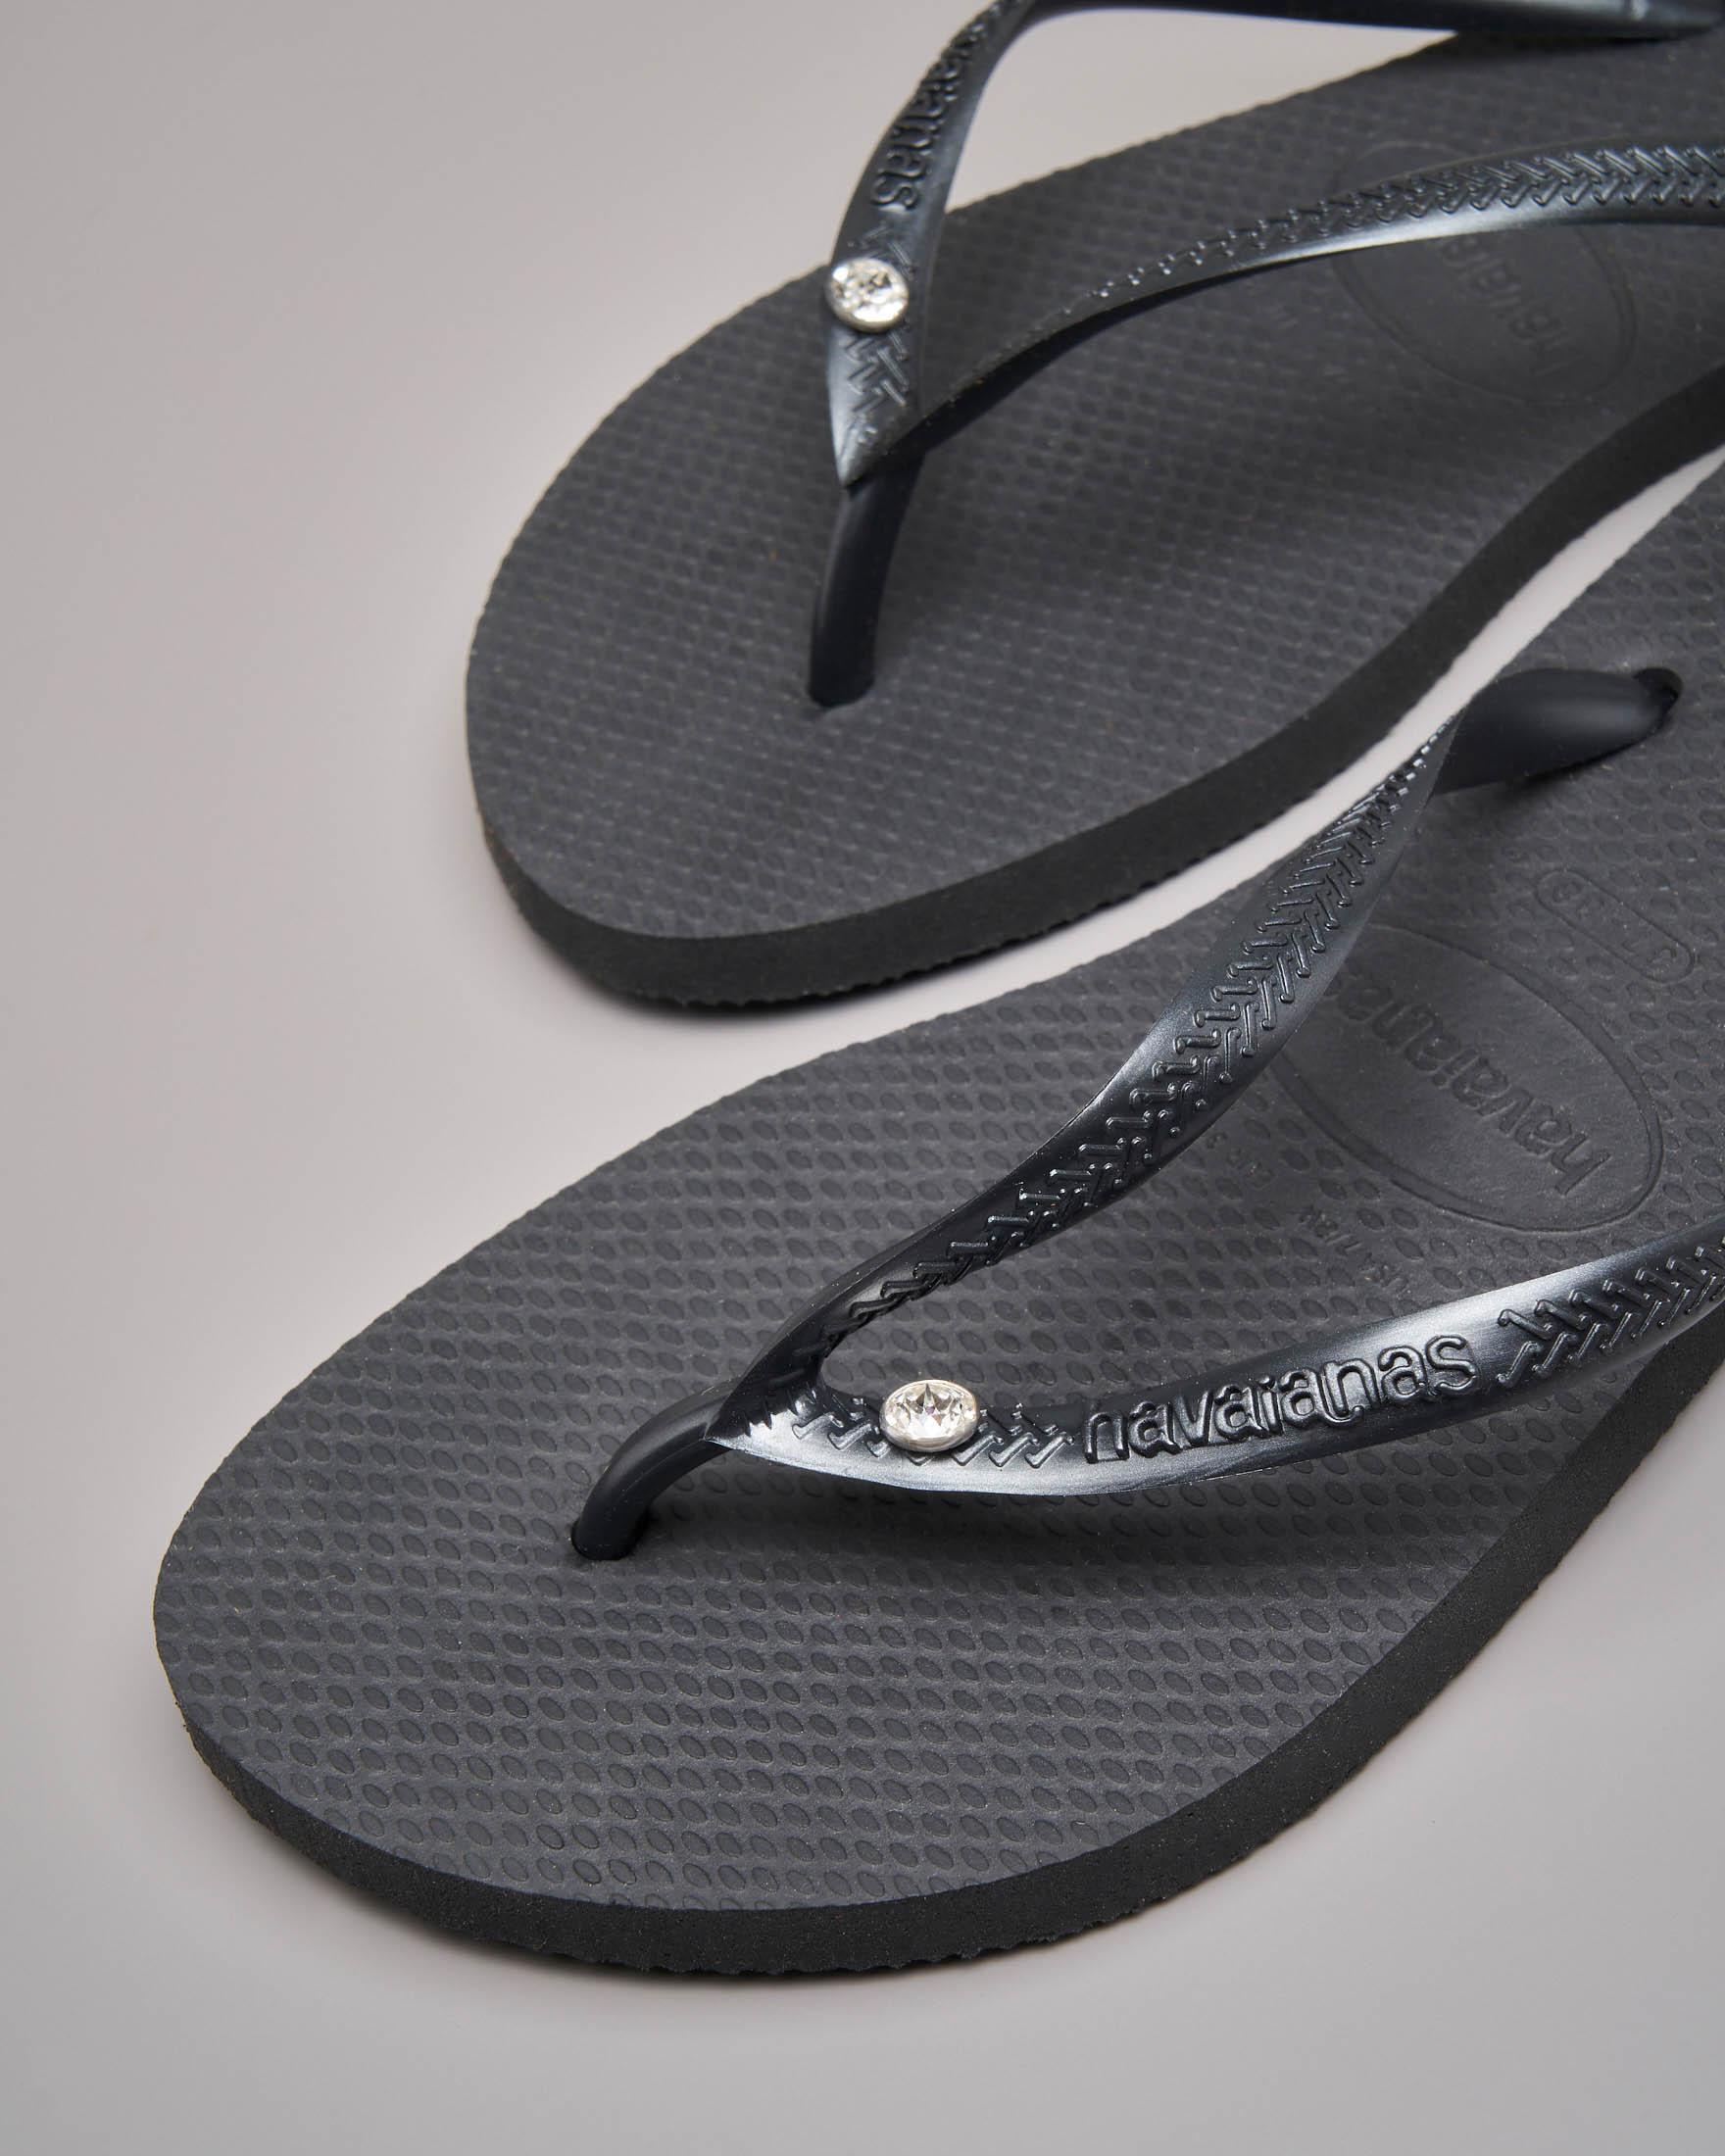 Havaianas Crystal Glamour nere con logo tono su tono e strass applicato sulle fascette